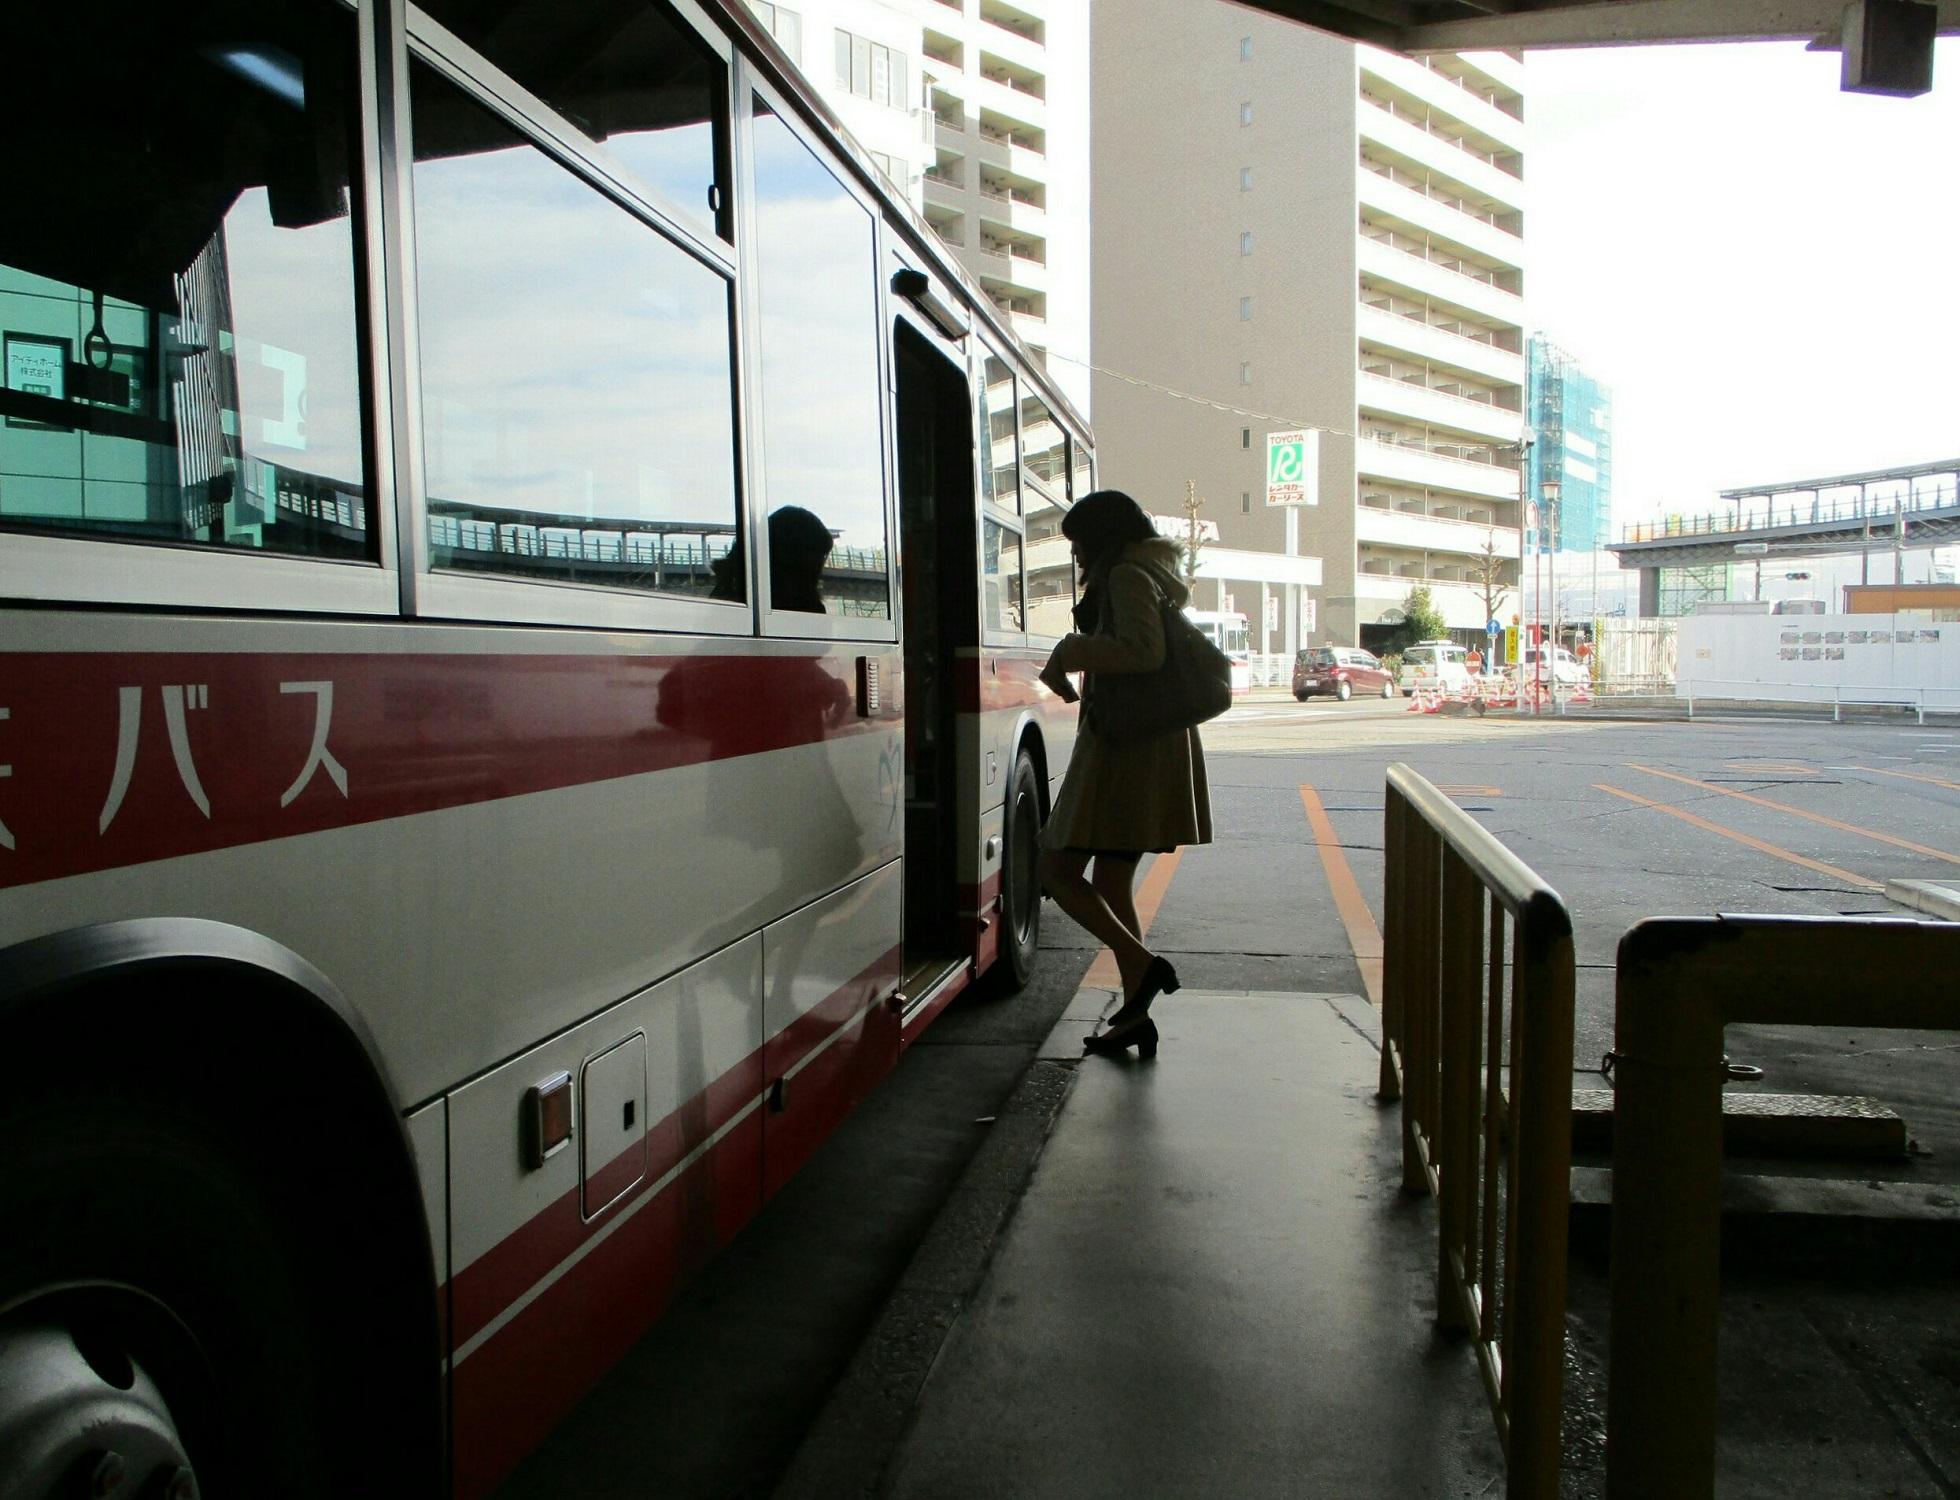 2019.1.11 (5) 東岡崎 - 足助いきバス 1960-1500